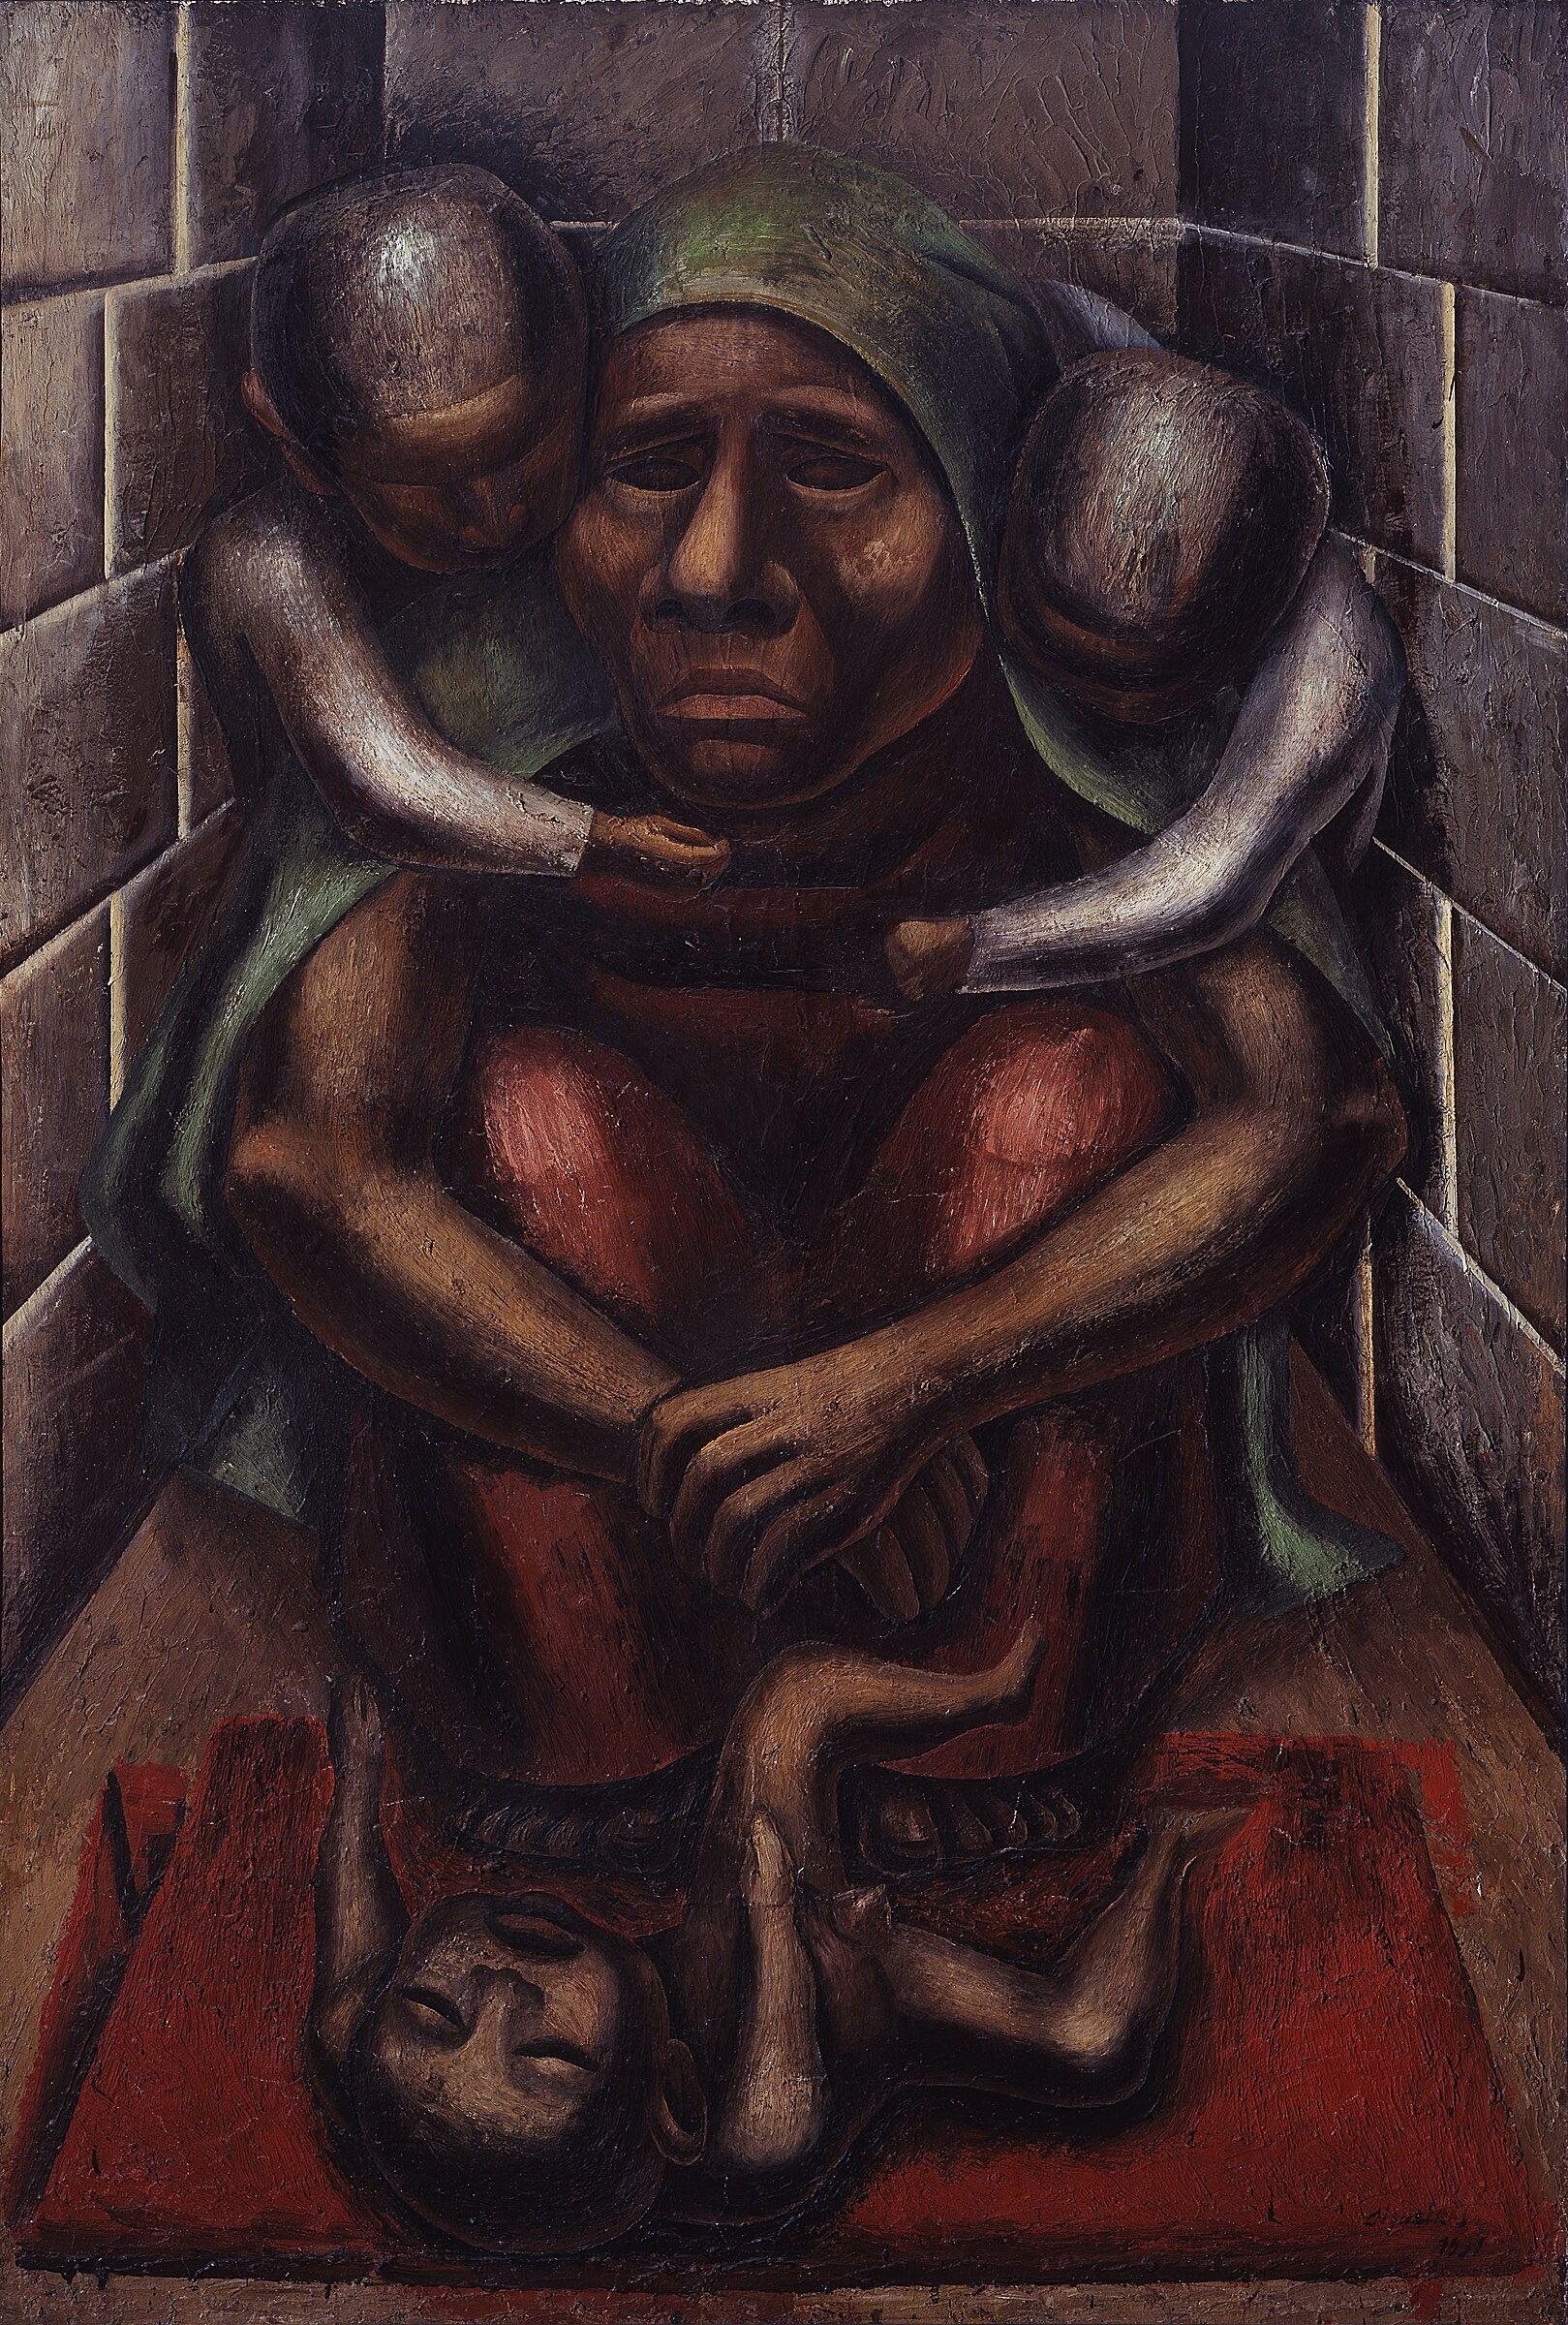 David Alfaro Siqueiros, Proletarian Mother, 1929